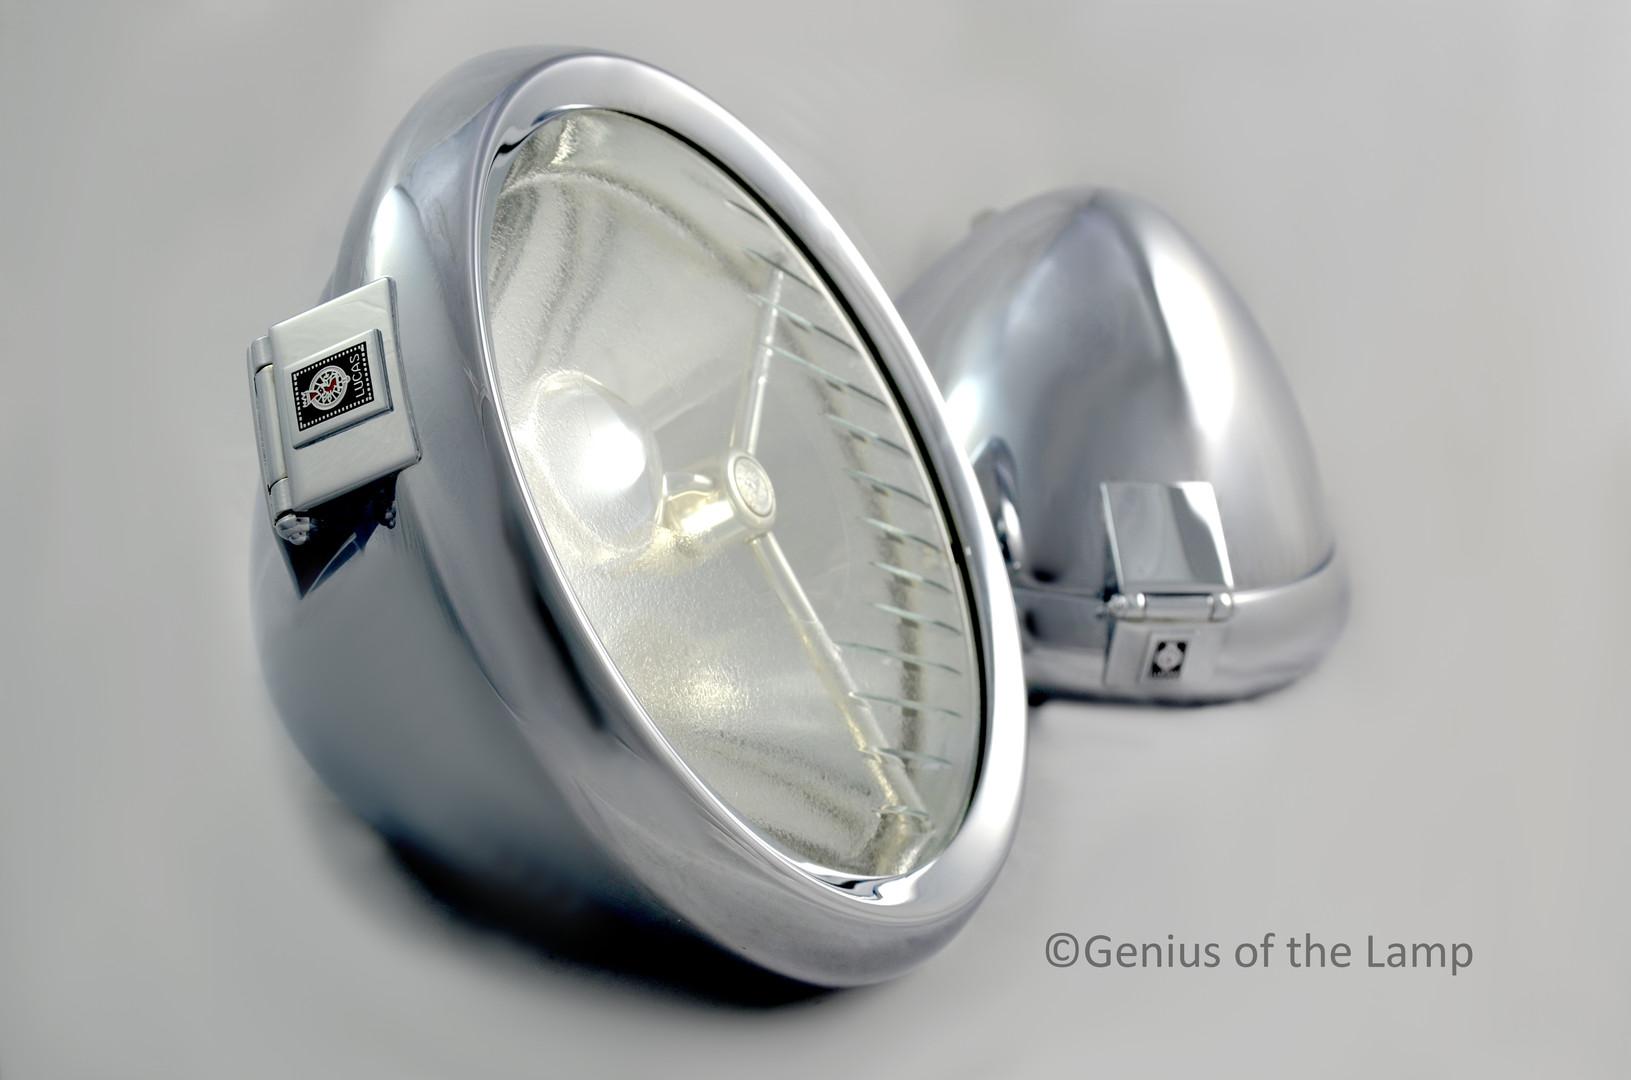 P80 DB Lamps